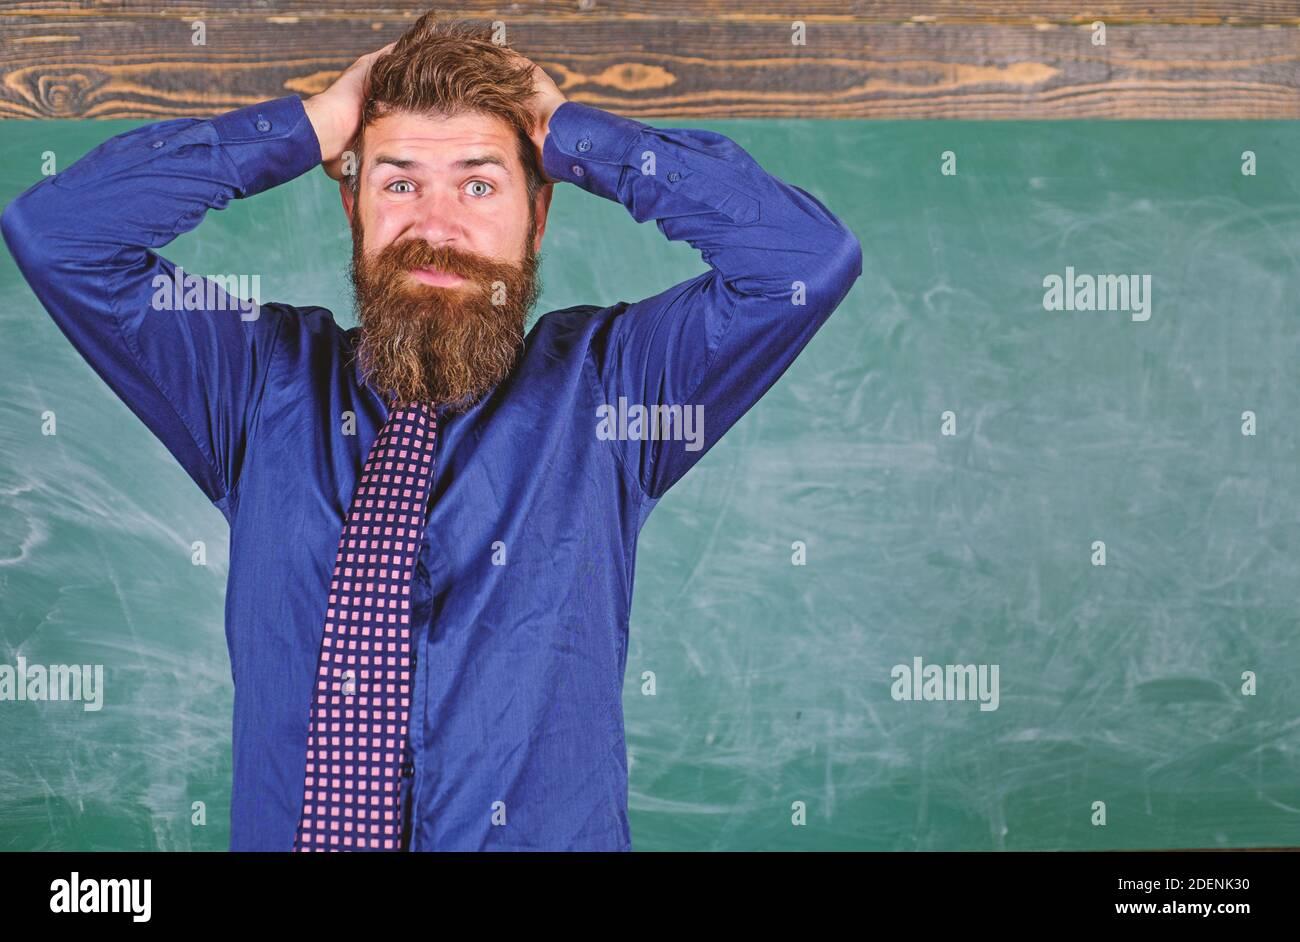 Etiqueta de los maestros consejos profesionales de la educación moderna. El hombre barbudo maestro o educador tienen fondo de la pizarra principal. El maestro se comporta de manera poco profesional. Preste atención a su comportamiento y modales. Foto de stock